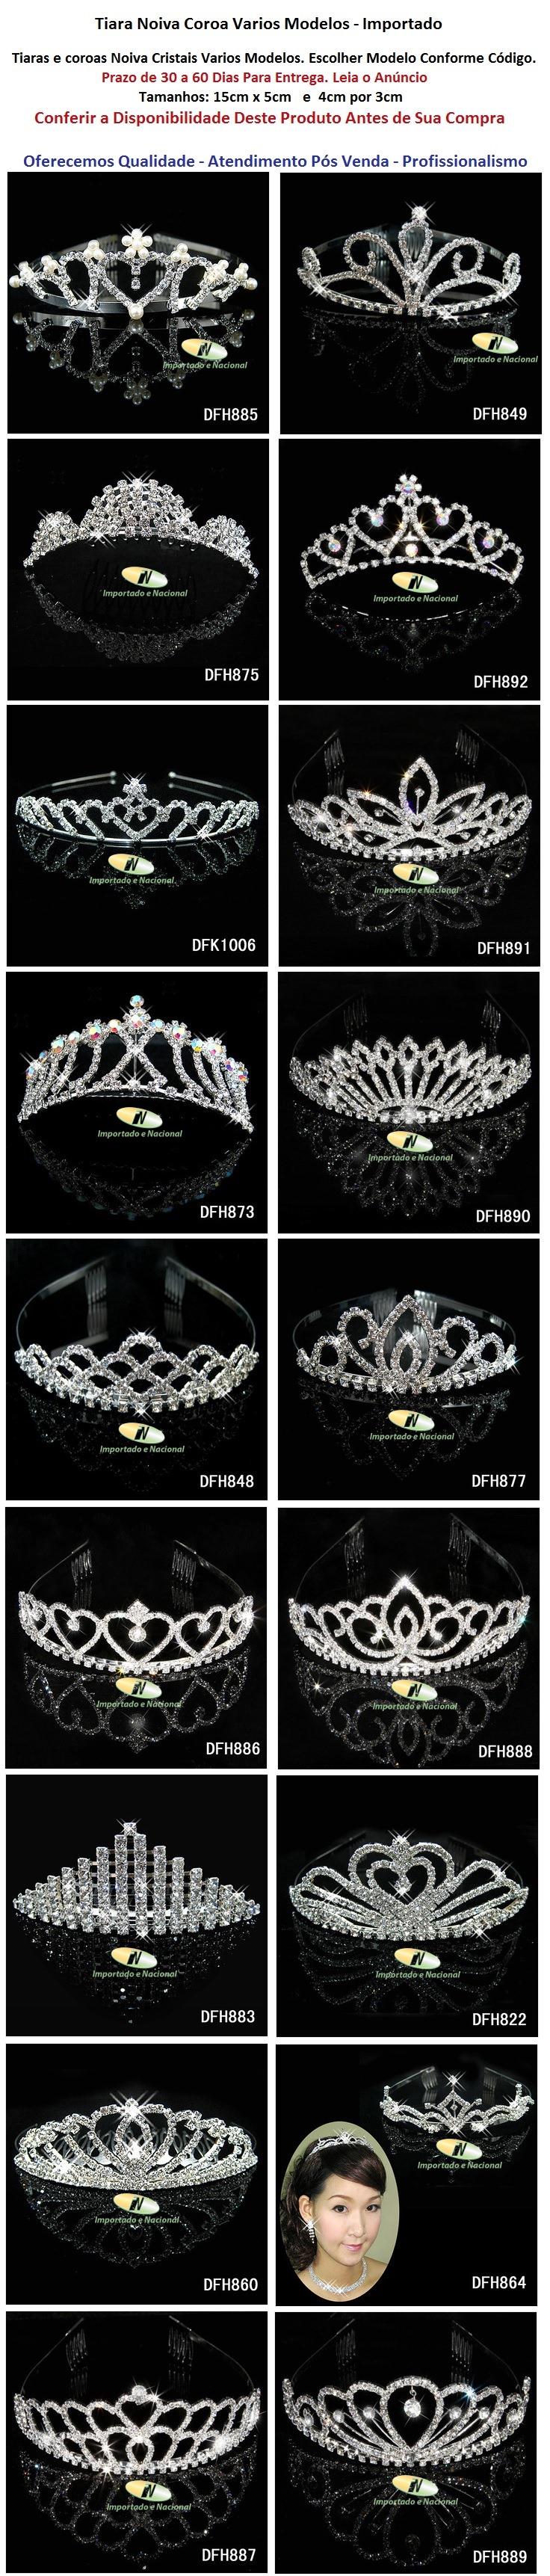 coroa-modelos.jpg